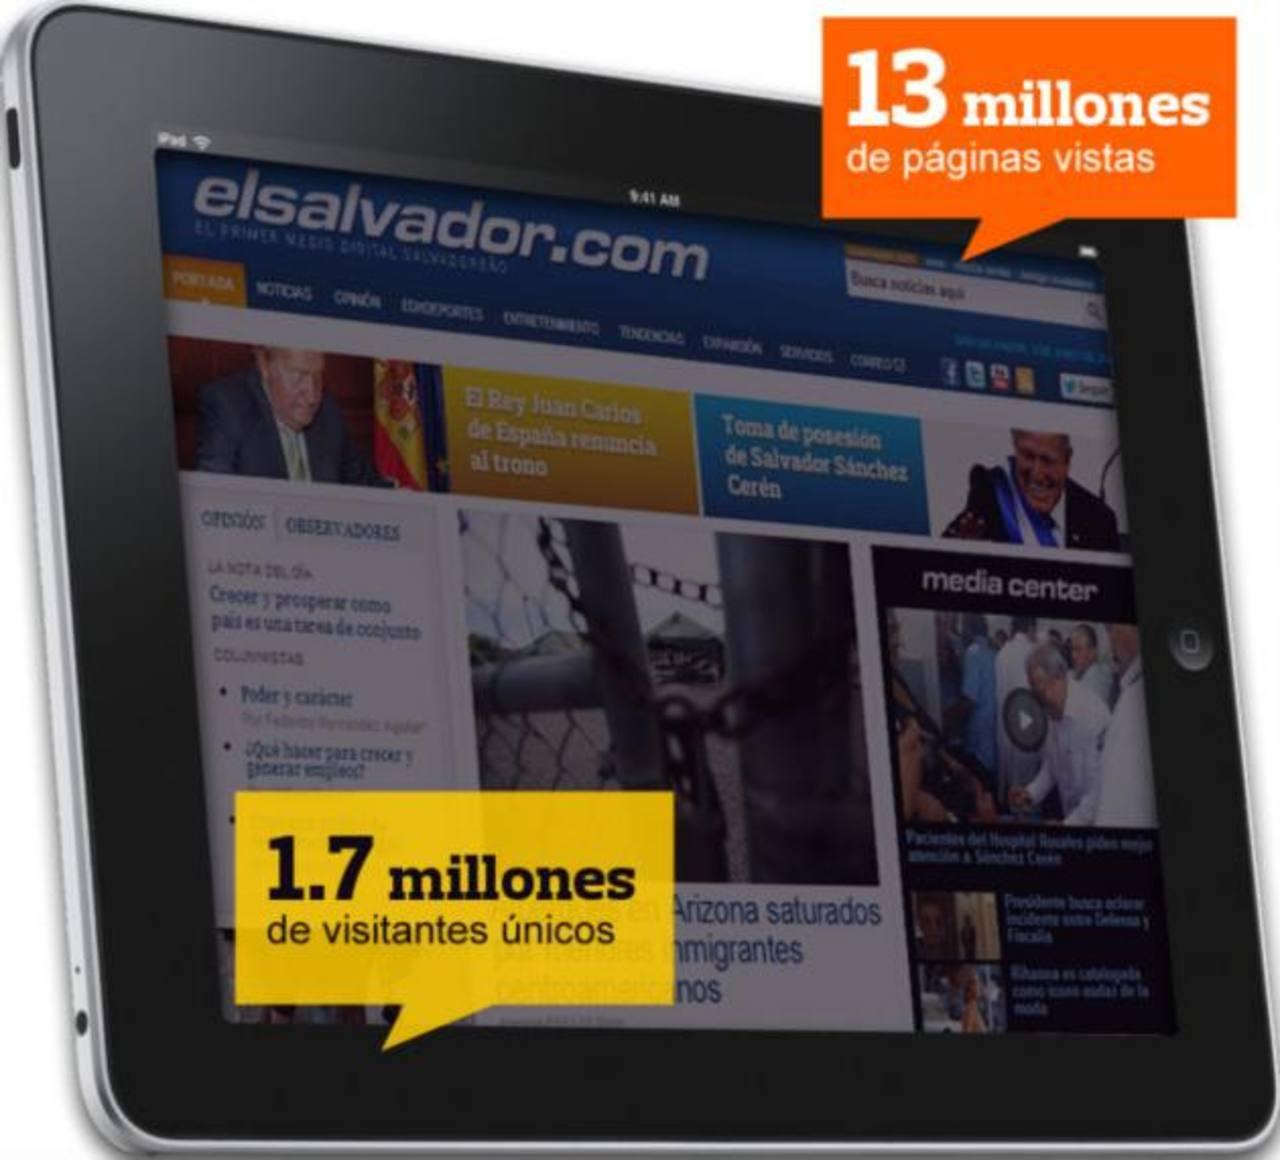 La cobertura del traspaso de mando presidencial fue seguida por millares de personas a través de elsalvador.com. Foto EDH / archivo